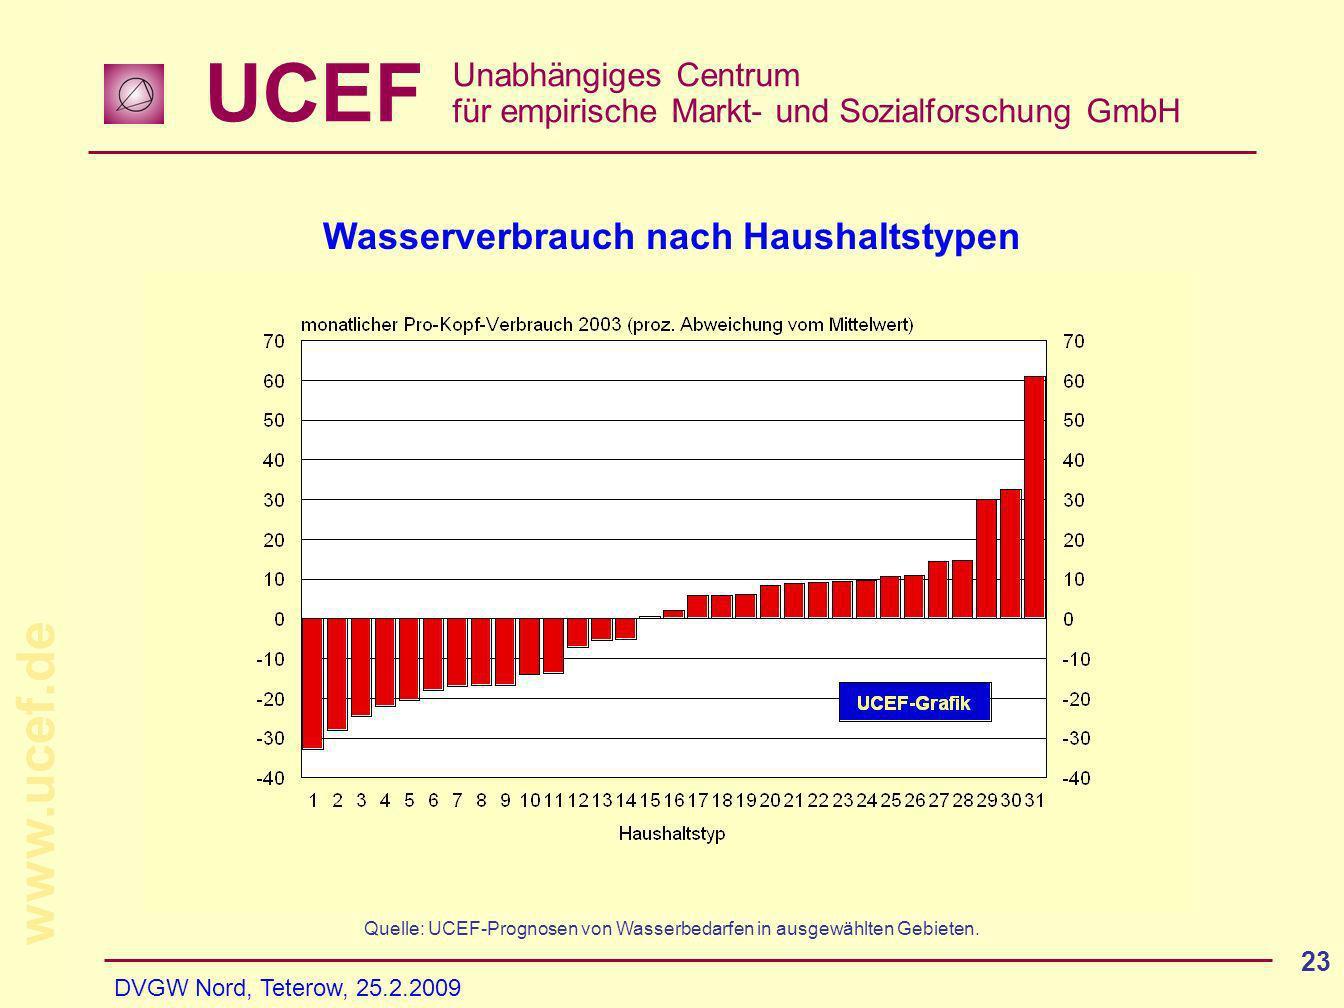 UCEF Unabhängiges Centrum für empirische Markt- und Sozialforschung GmbH www.ucef.de DVGW Nord, Teterow, 25.2.2009 23 Wasserverbrauch nach Haushaltsty